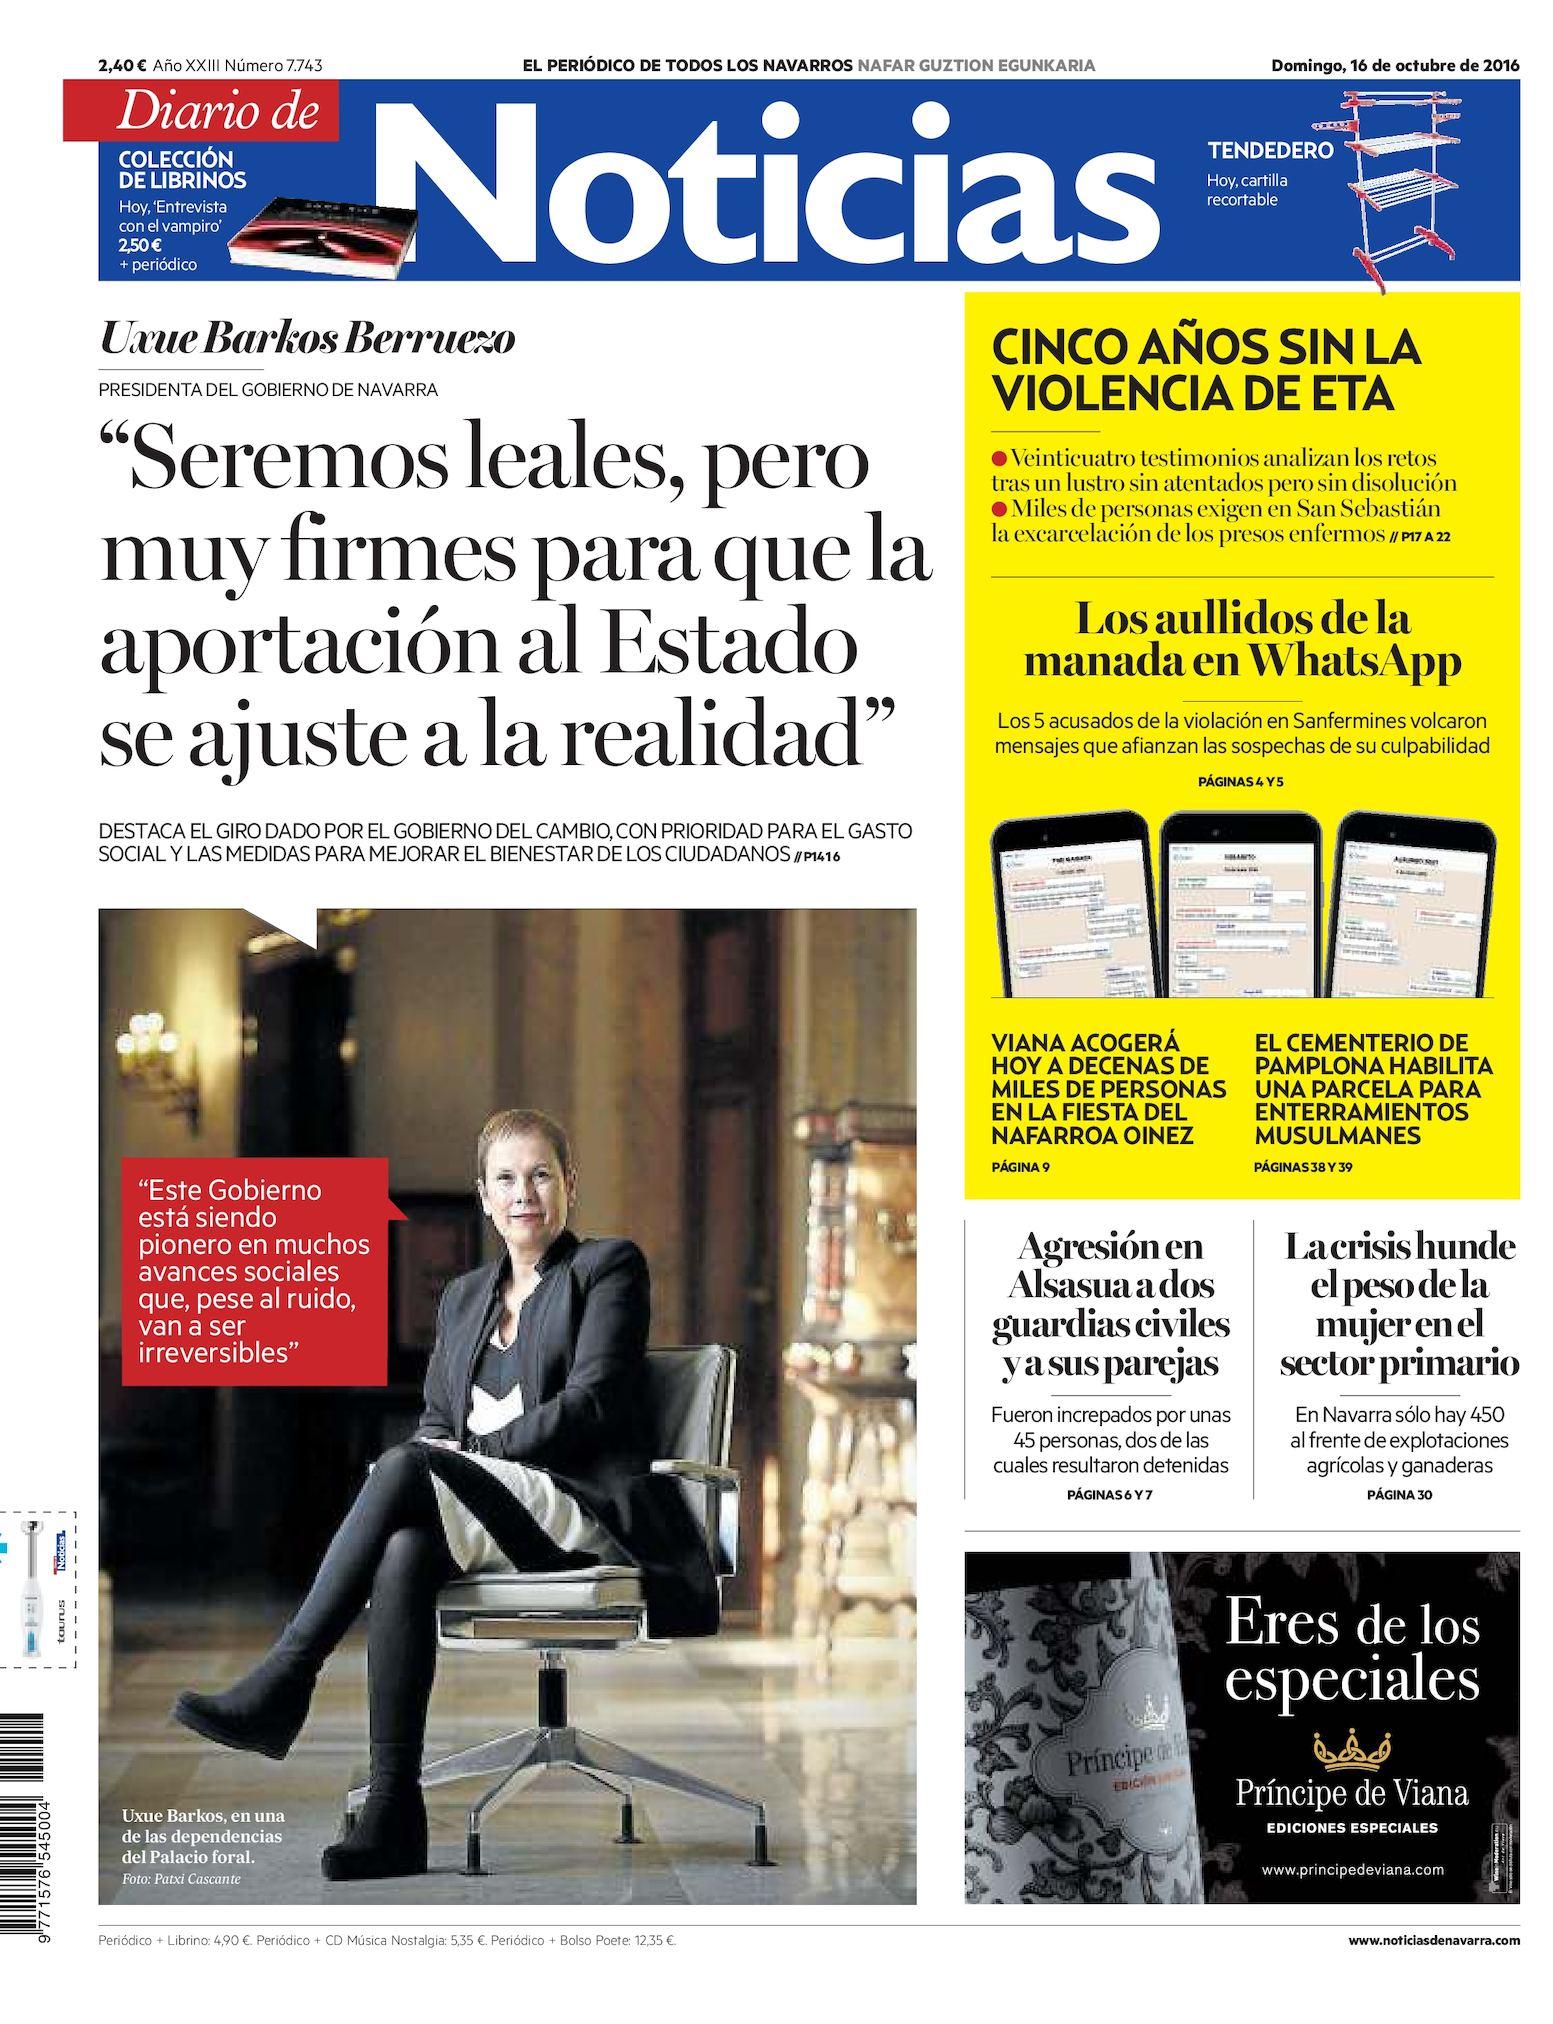 Calaméo - Diario de Noticias 20161016 2cd04f896f8